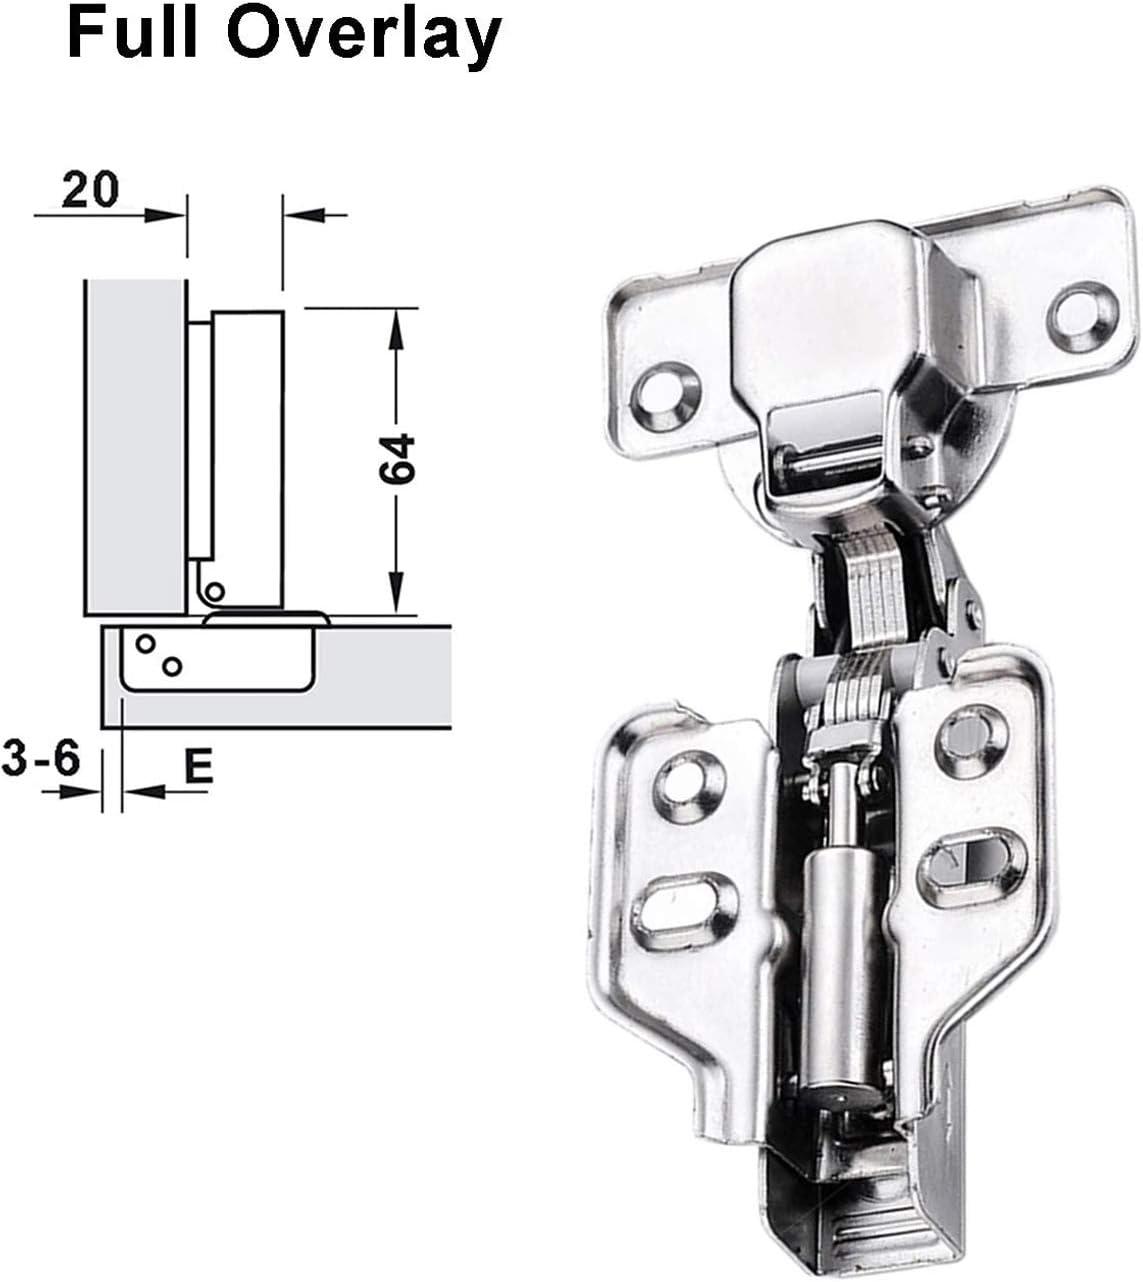 Scharnier K/üche Schrank T/ürscharniere Eckanschlag Standardscharnier mit Soft Close Automatikscharnier Integrierter D/ämpfung Scharniere 4 St/ück